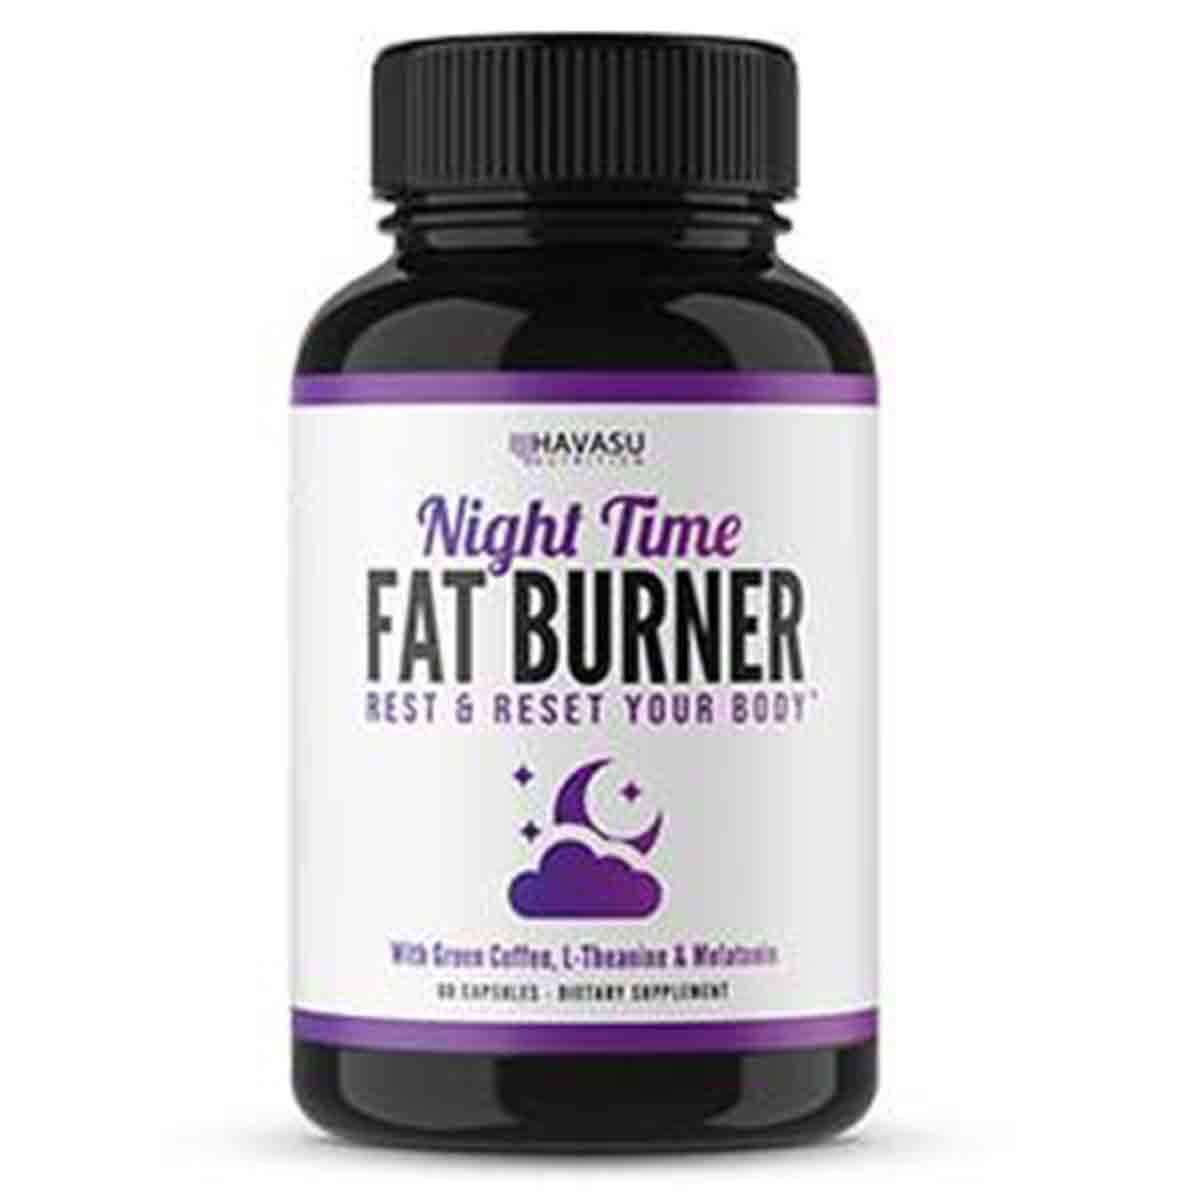 Fat Burner Bahaya Atau Tidak Lunar Kaalulangus